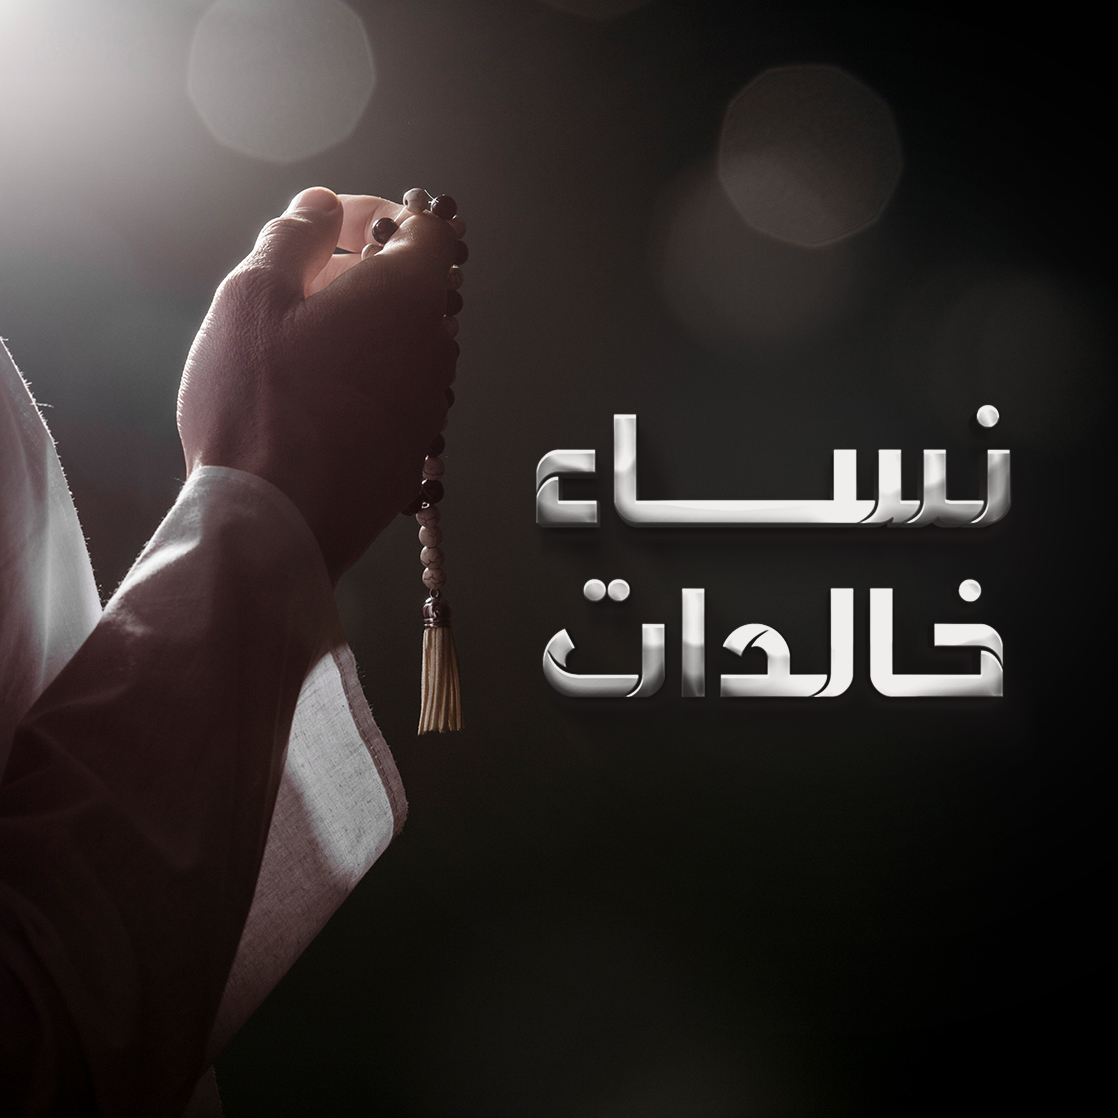 نساء خالدات - الدكتور طارق السويدان – الموقع الرسمي